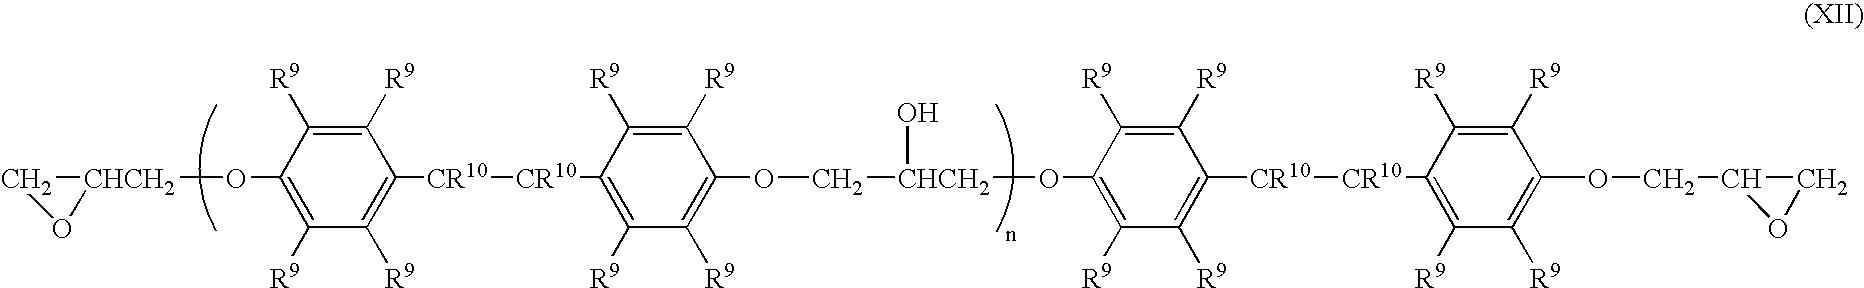 Figure US20050267286A1-20051201-C00011